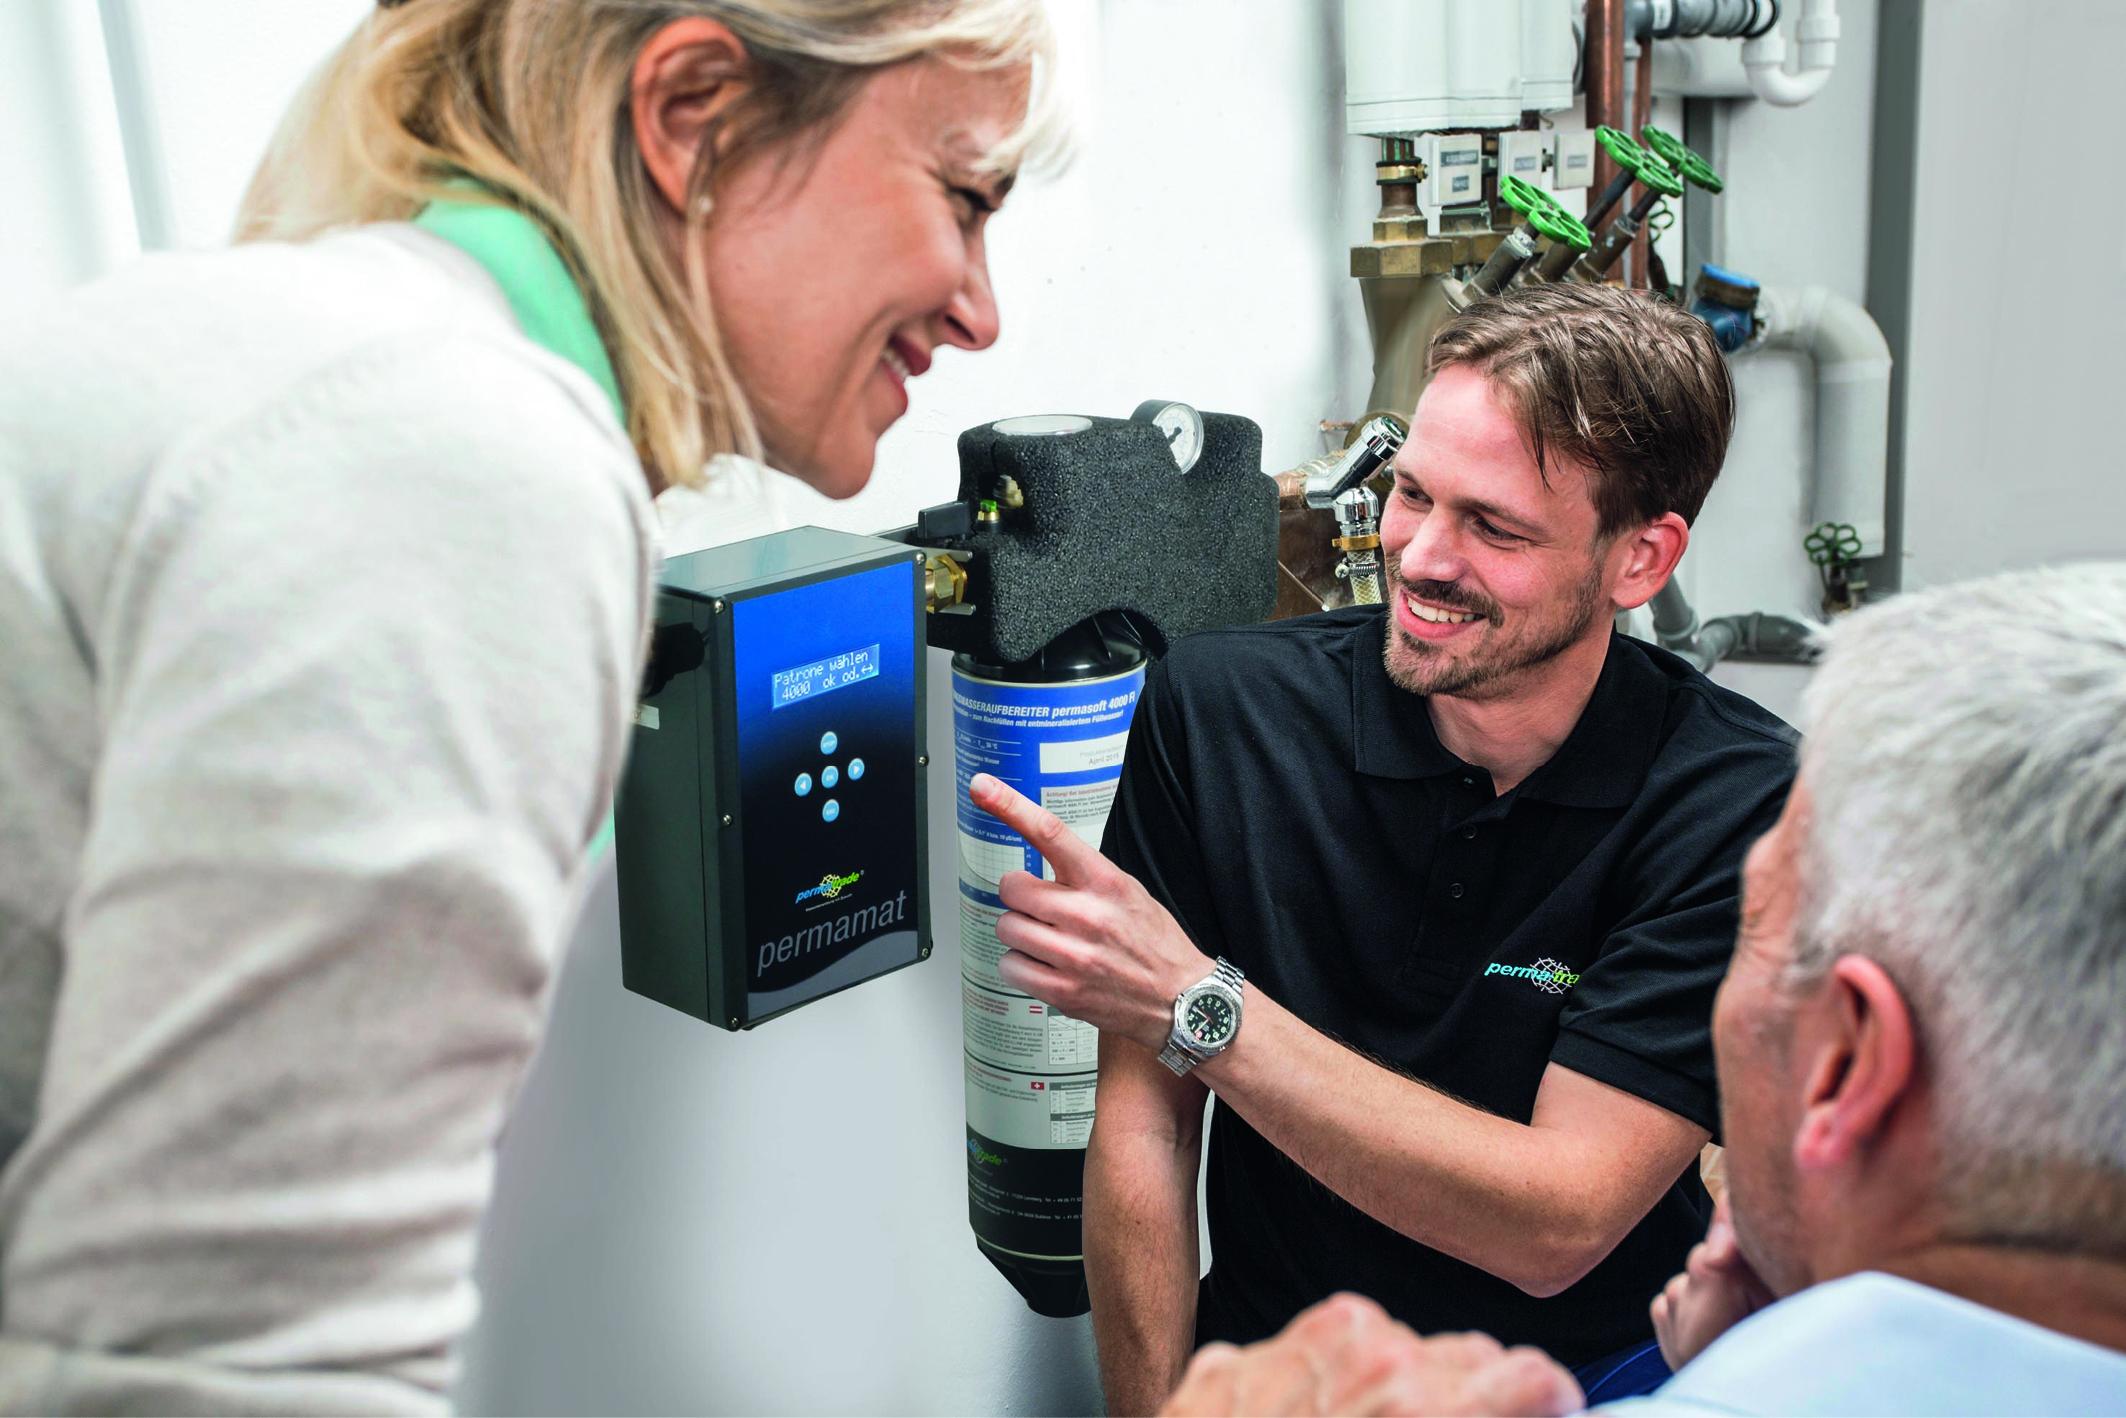 Wechsel des Heizkessels: Ein Fachmann zeigt seinen Kunden ein neues Produkt um Kosten und Nutzen zu optimieren